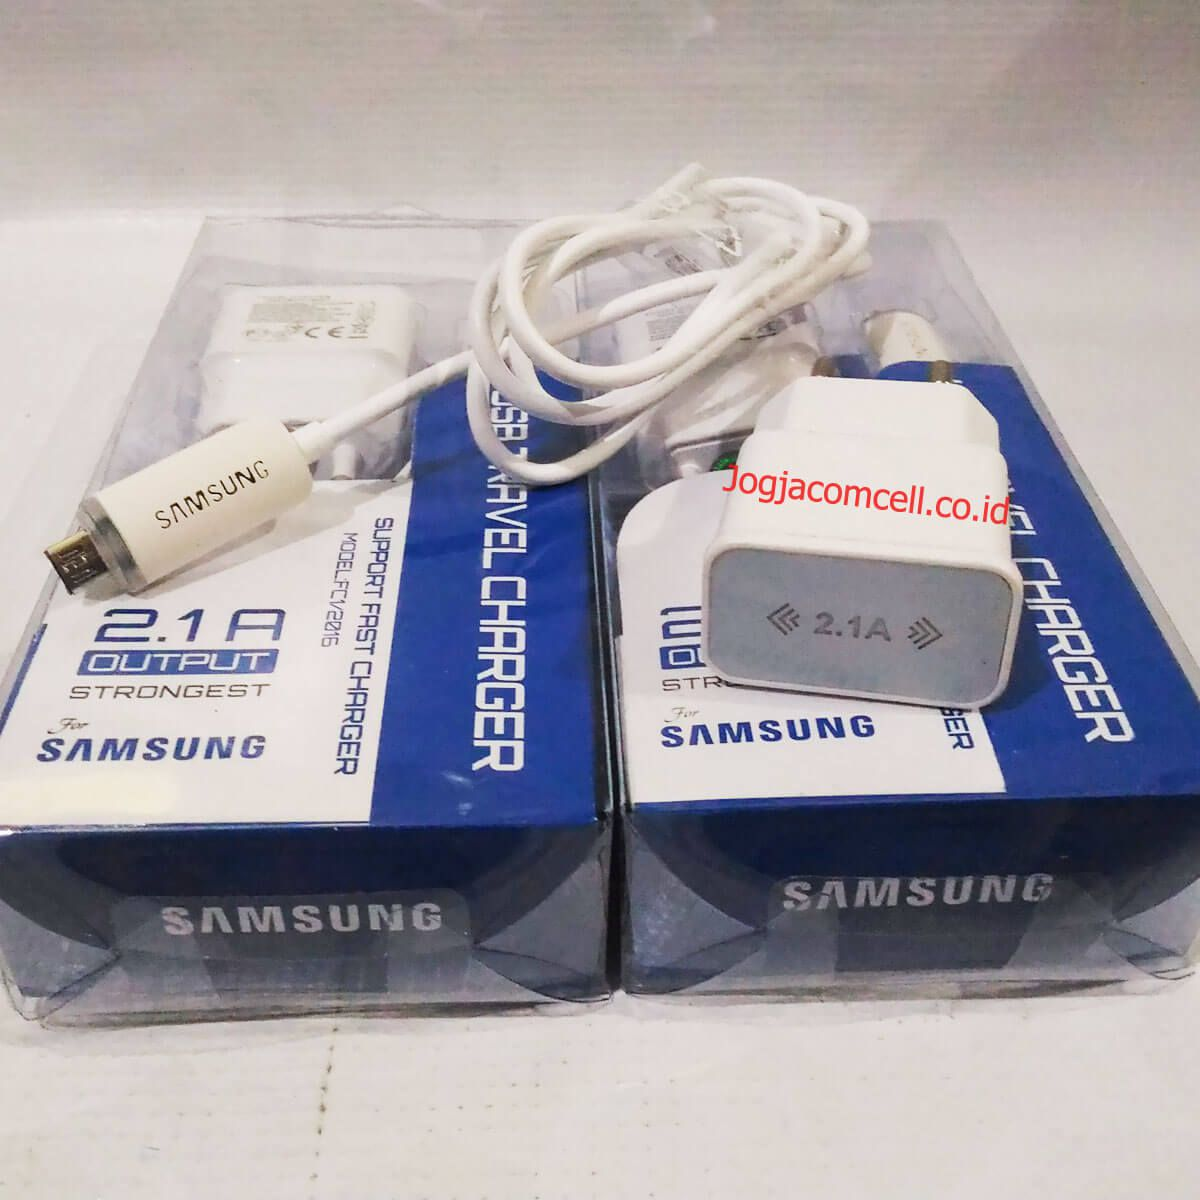 Charger Samsung 21 Ampere Harga Murah Berkualitas